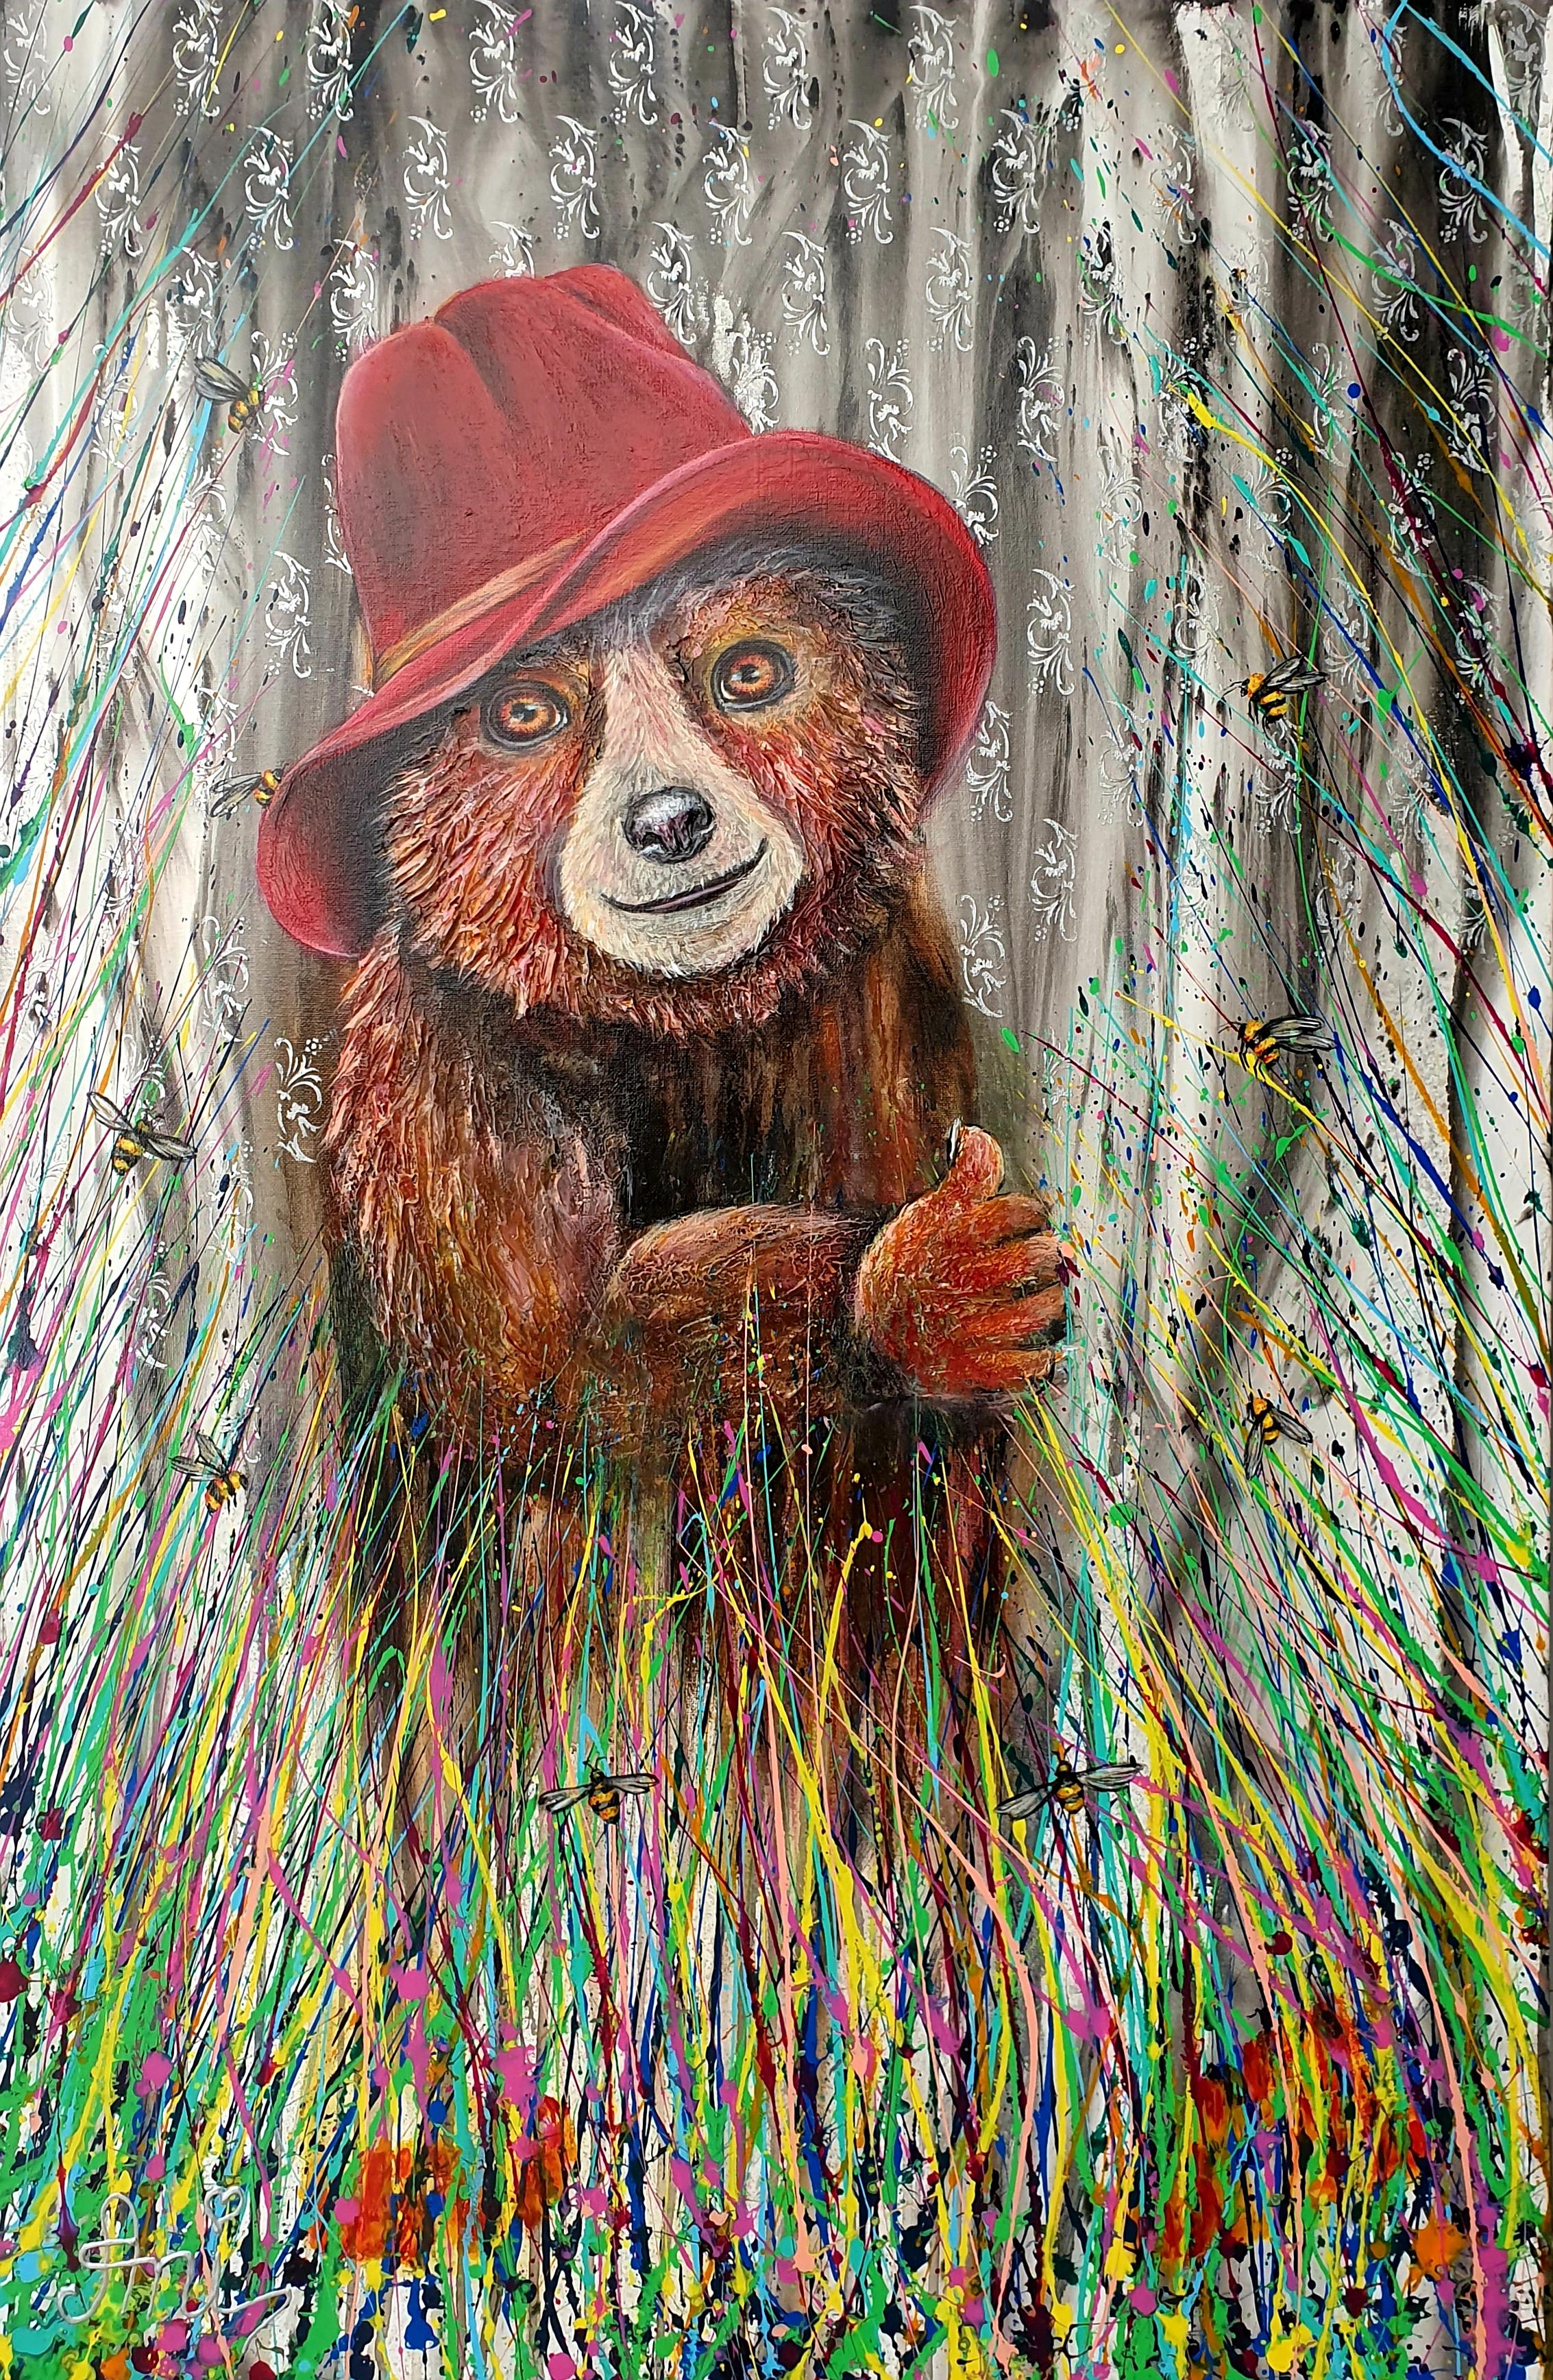 Paddington entre ville et campagne:  Peinture acrylique sur toile, 115cm x 75cm  Prix: 1250€ + frais de livraison